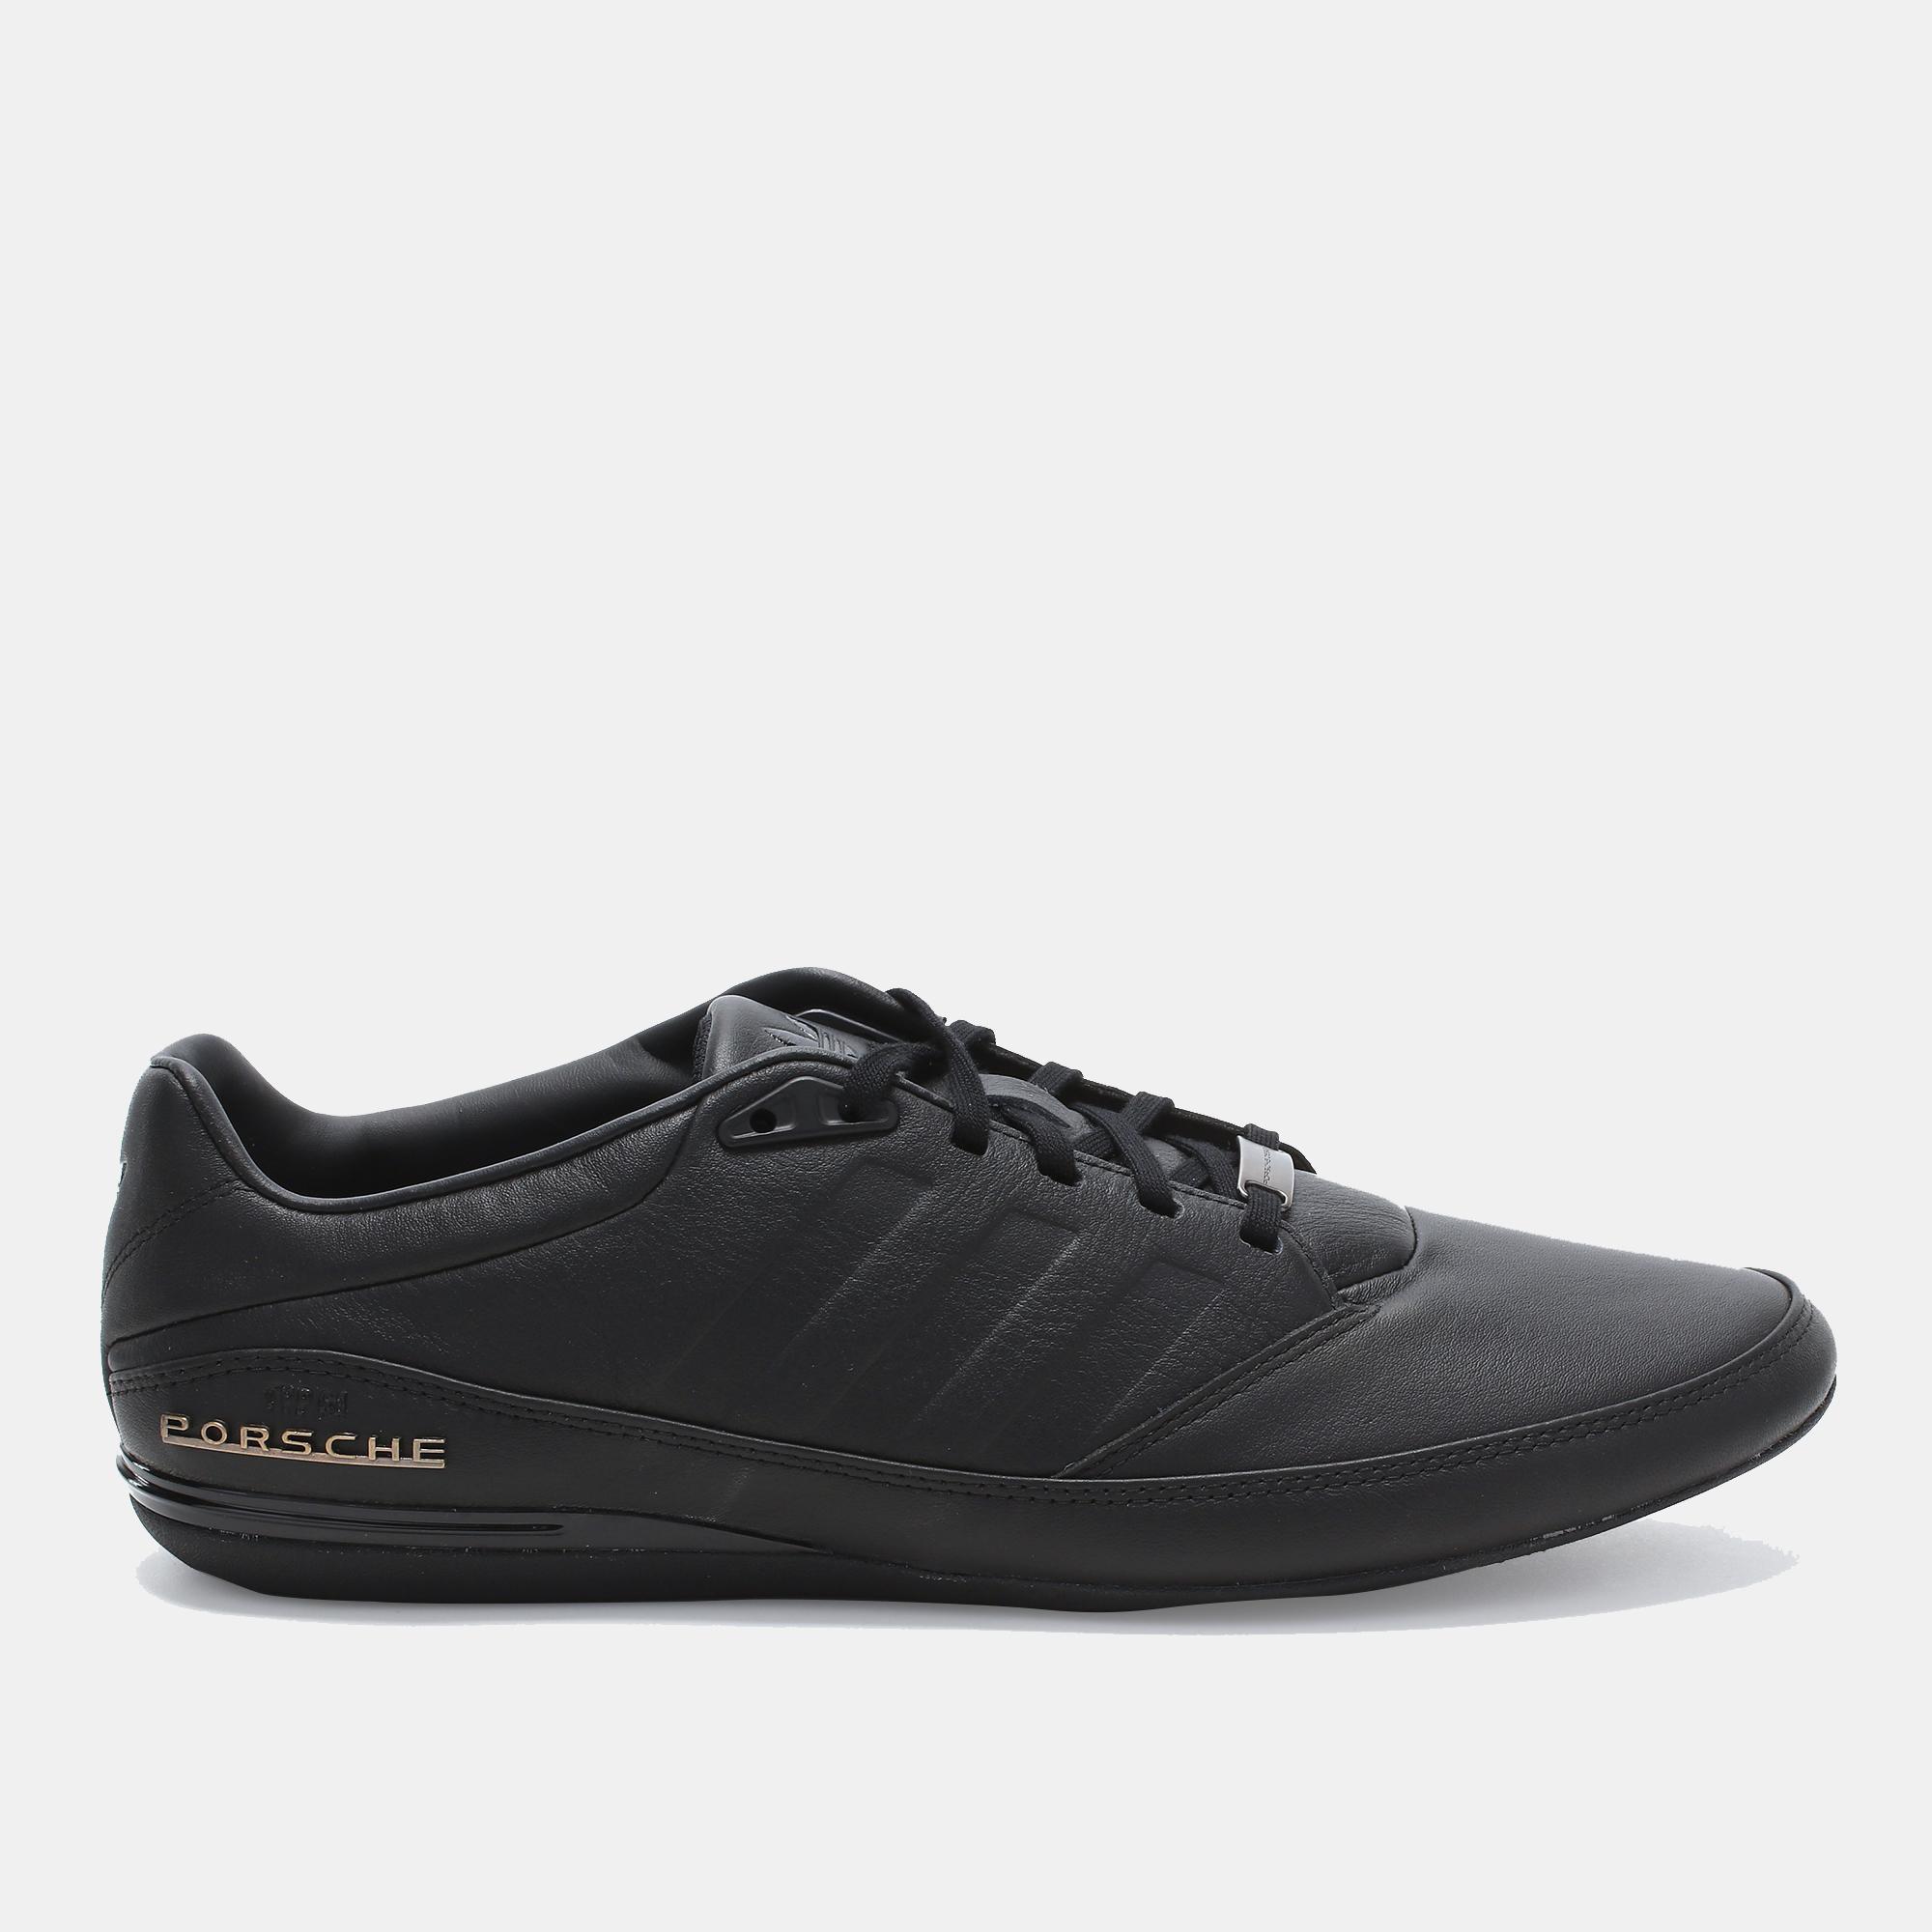 7ae4e46432fc Shop Black adidas Porsche Typ 64 2.0 Shoe for Mens by adidas ...